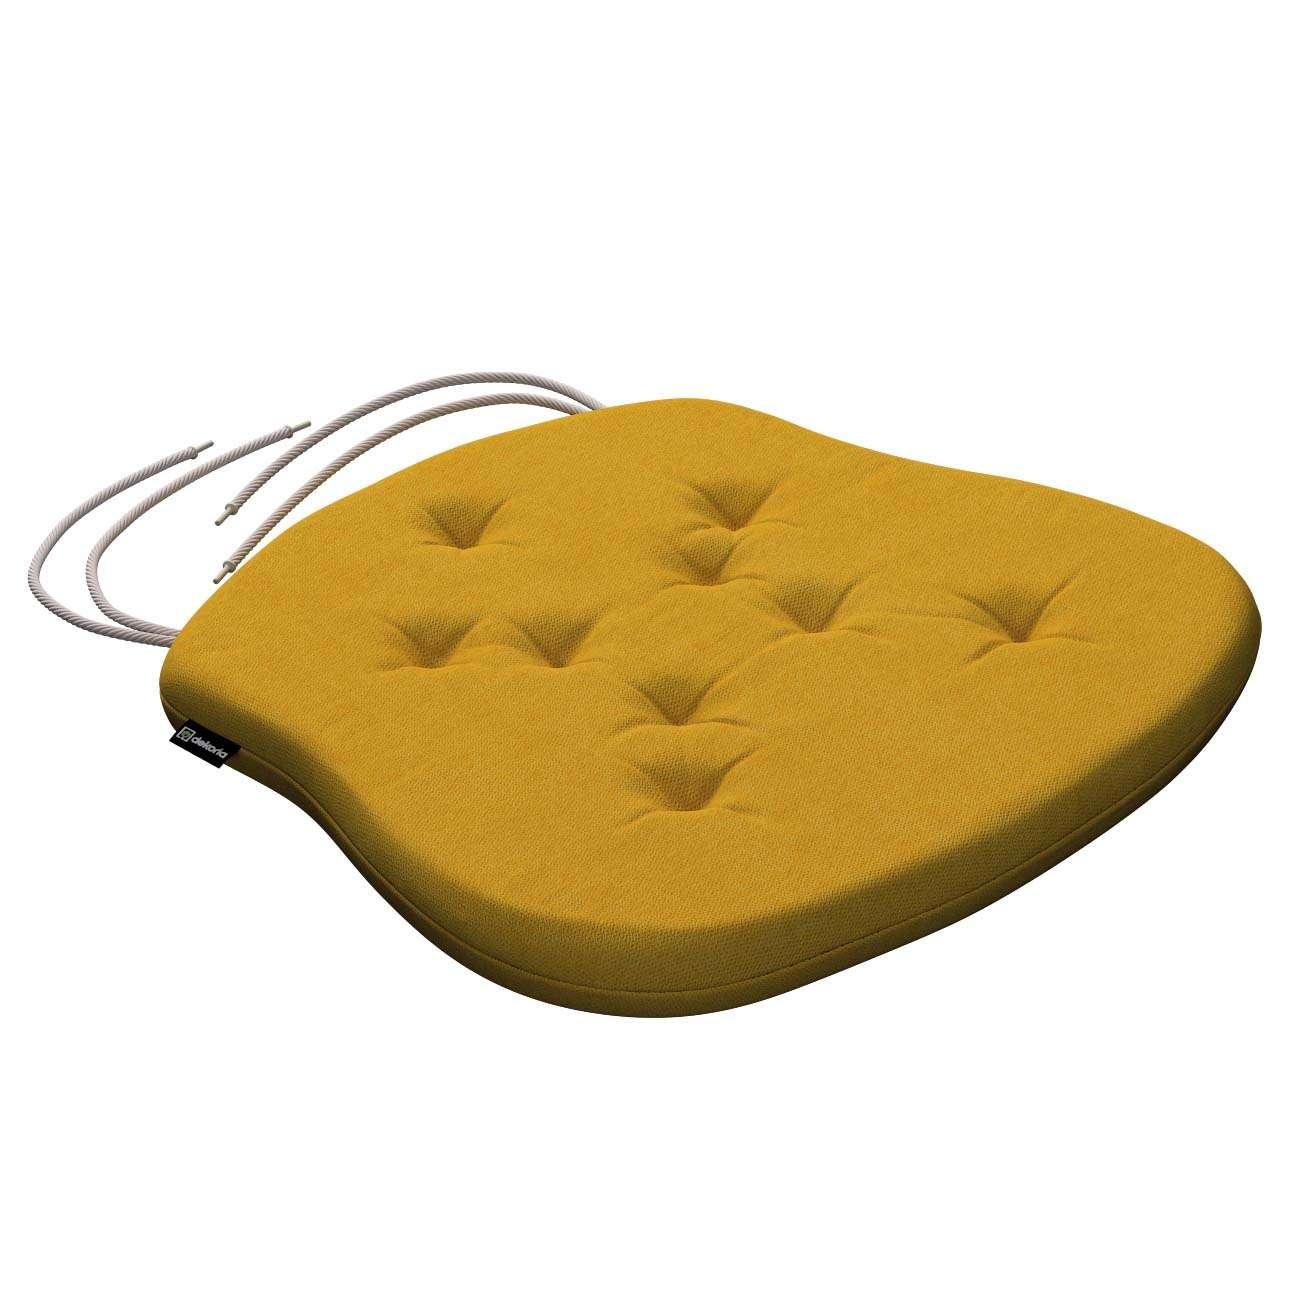 Siedzisko Filip na krzesło 41x38x3,5 cm w kolekcji Etna , tkanina: 705-04